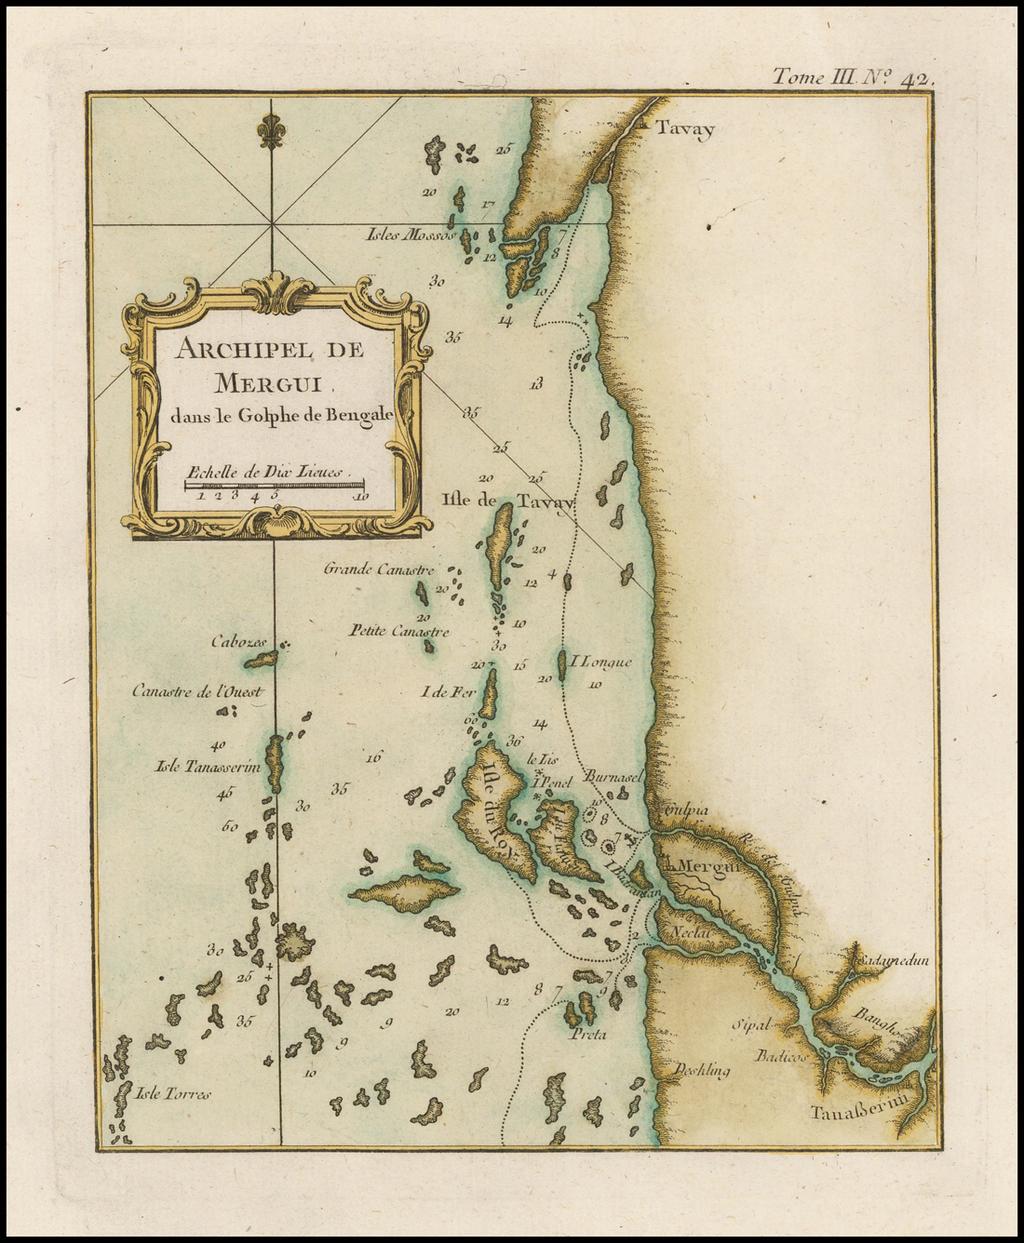 Archipel de Mergui dans le Golphe de Bengale By Jacques Nicolas Bellin